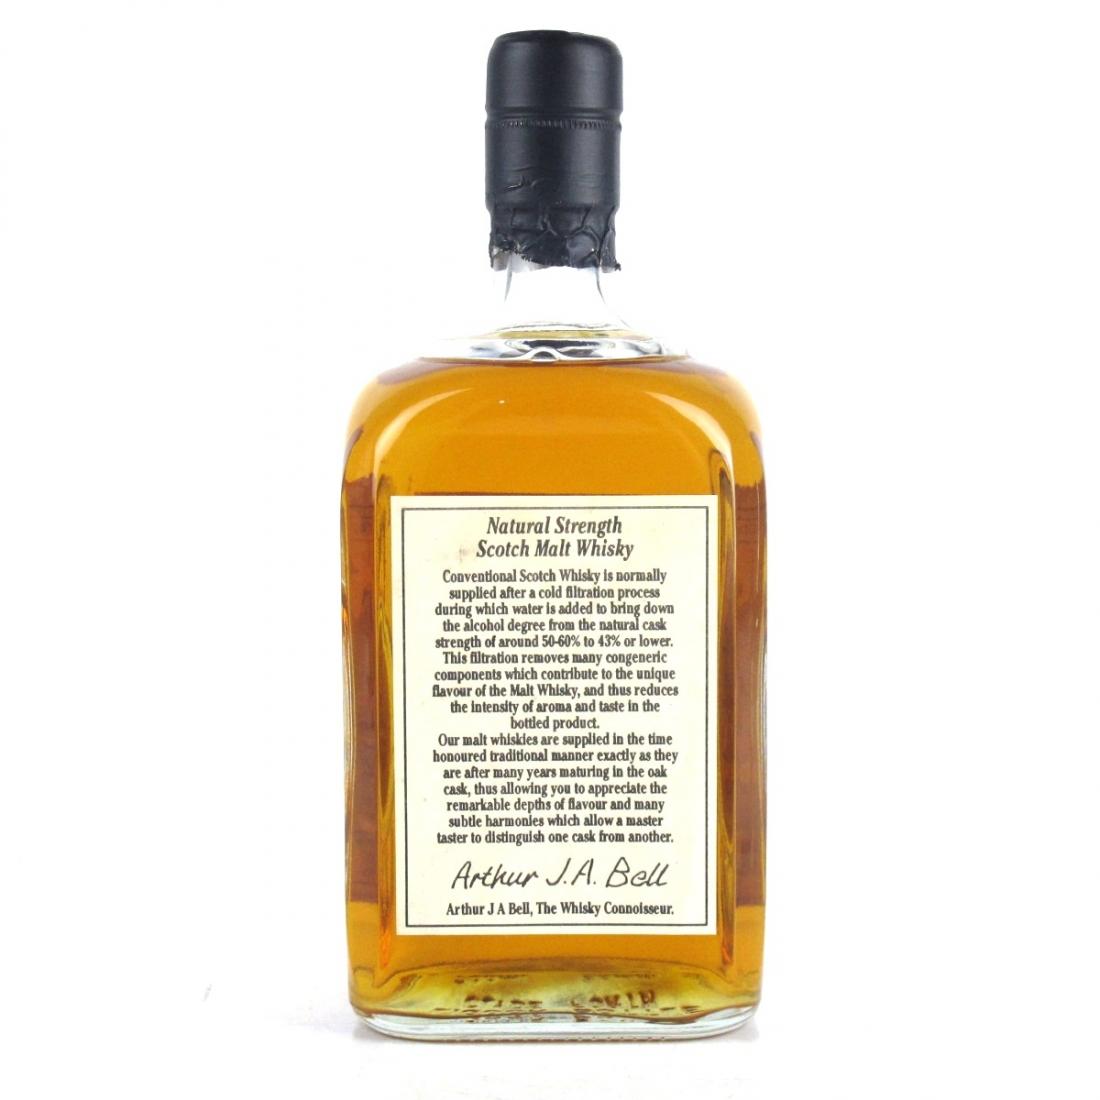 Highland Park / Brodgar 1974 Whisky Connoisseur 20 Year Old Bottle Number #2